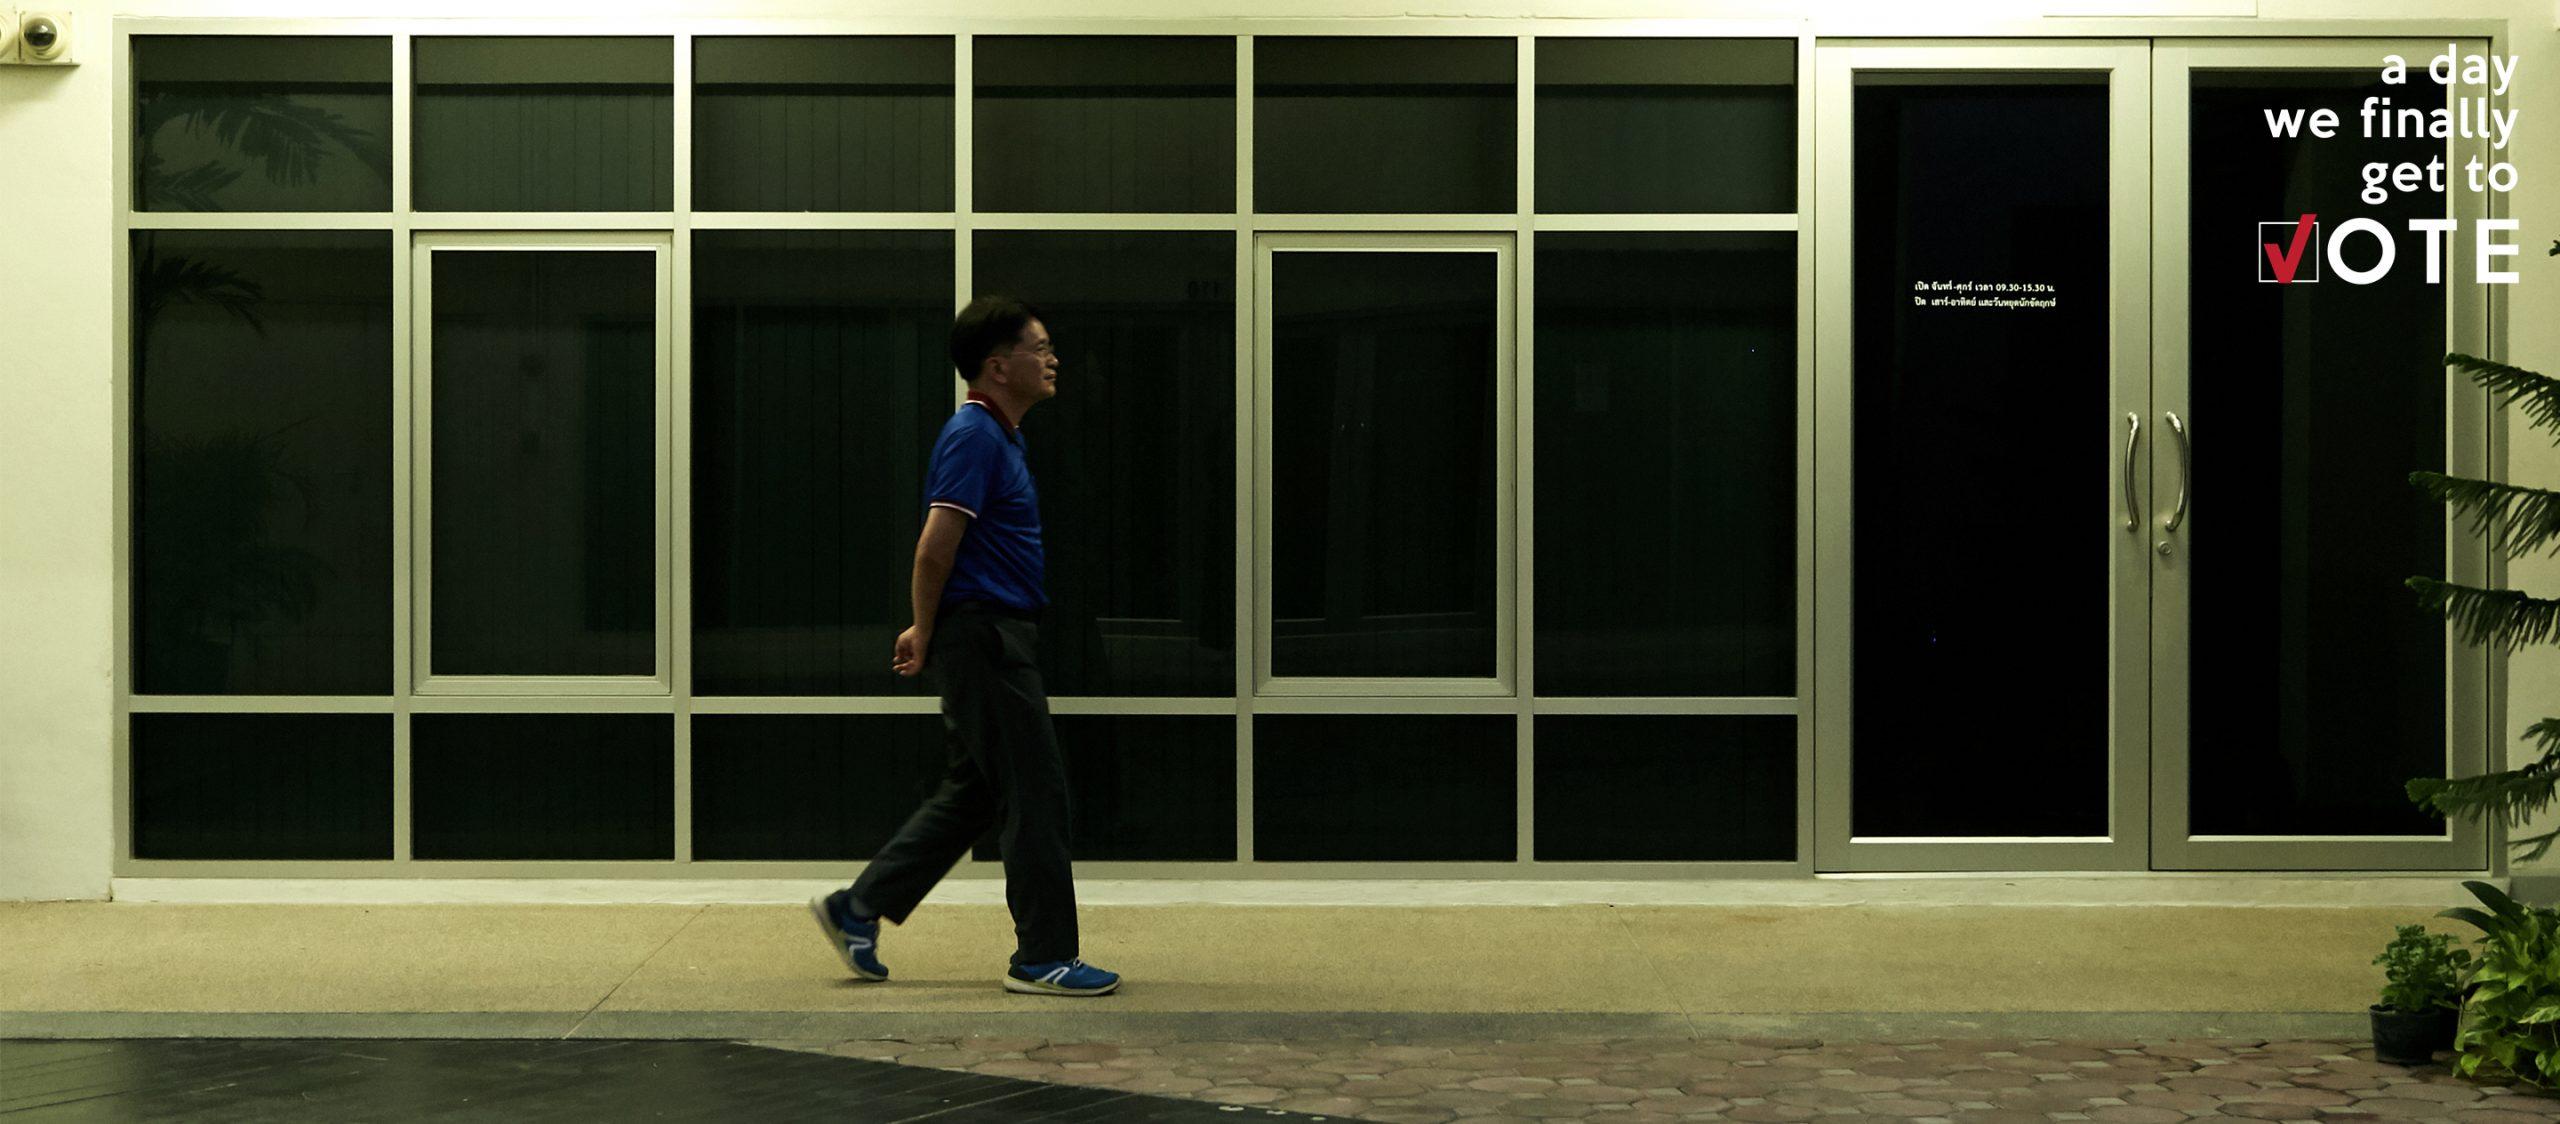 เดชรัต สุขกำเนิด : ปลดล็อกการศึกษาไทยด้วยการกระจายอำนาจจากครูไปสู่นักเรียน